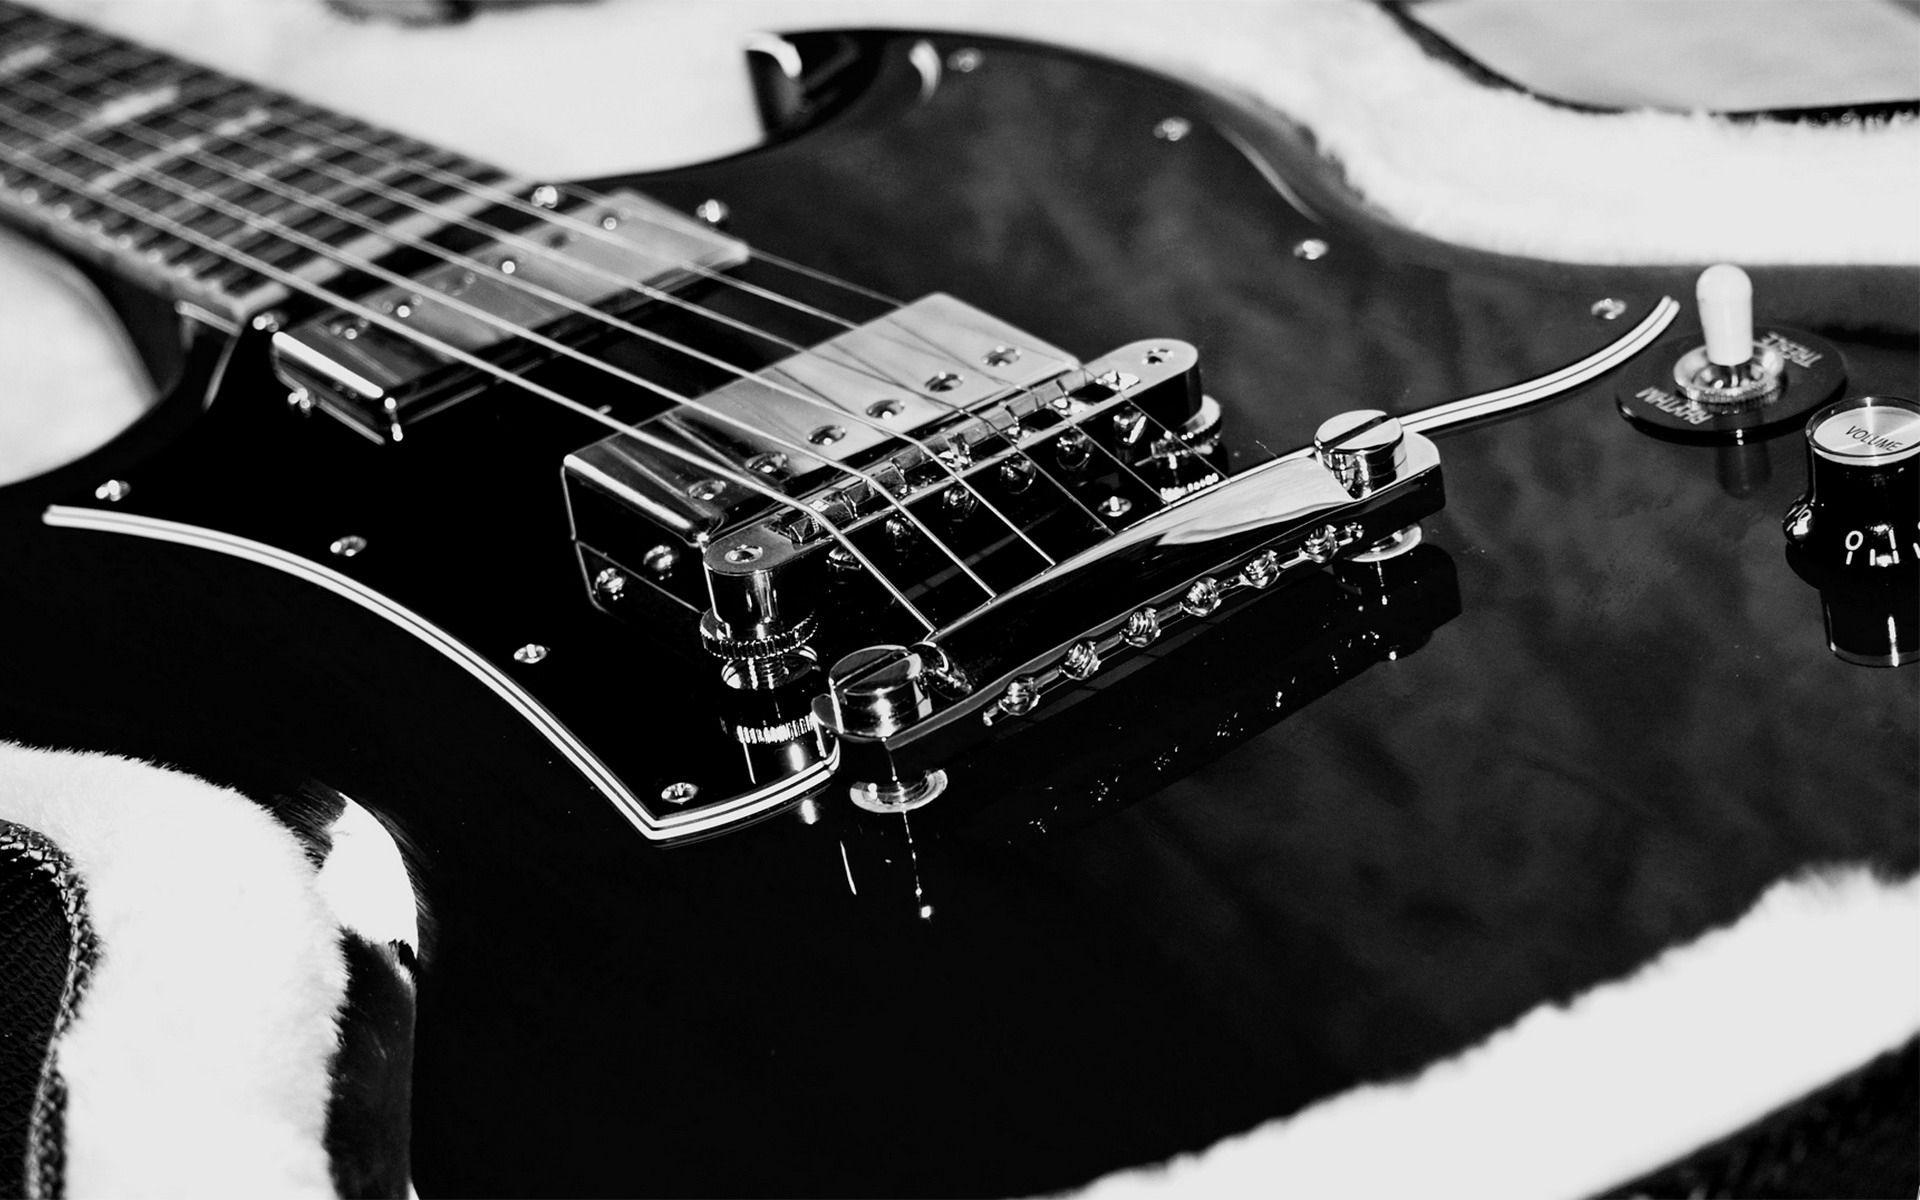 Electric Guitar black, Nice Wallpaper